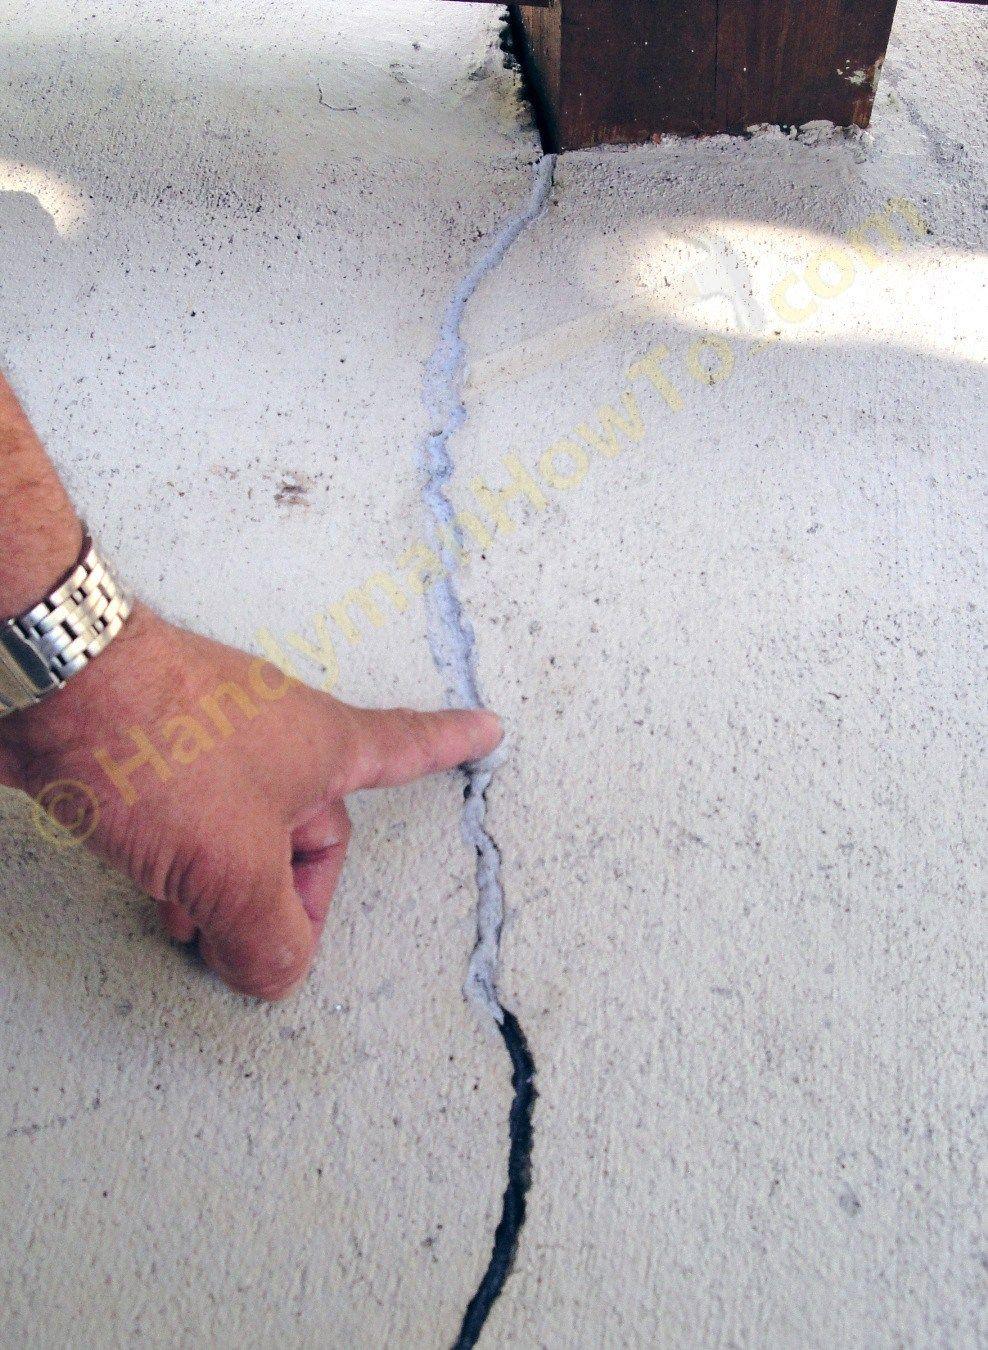 Smooth The QUIKRETE 8620 Caulk Into The Concrete Crack